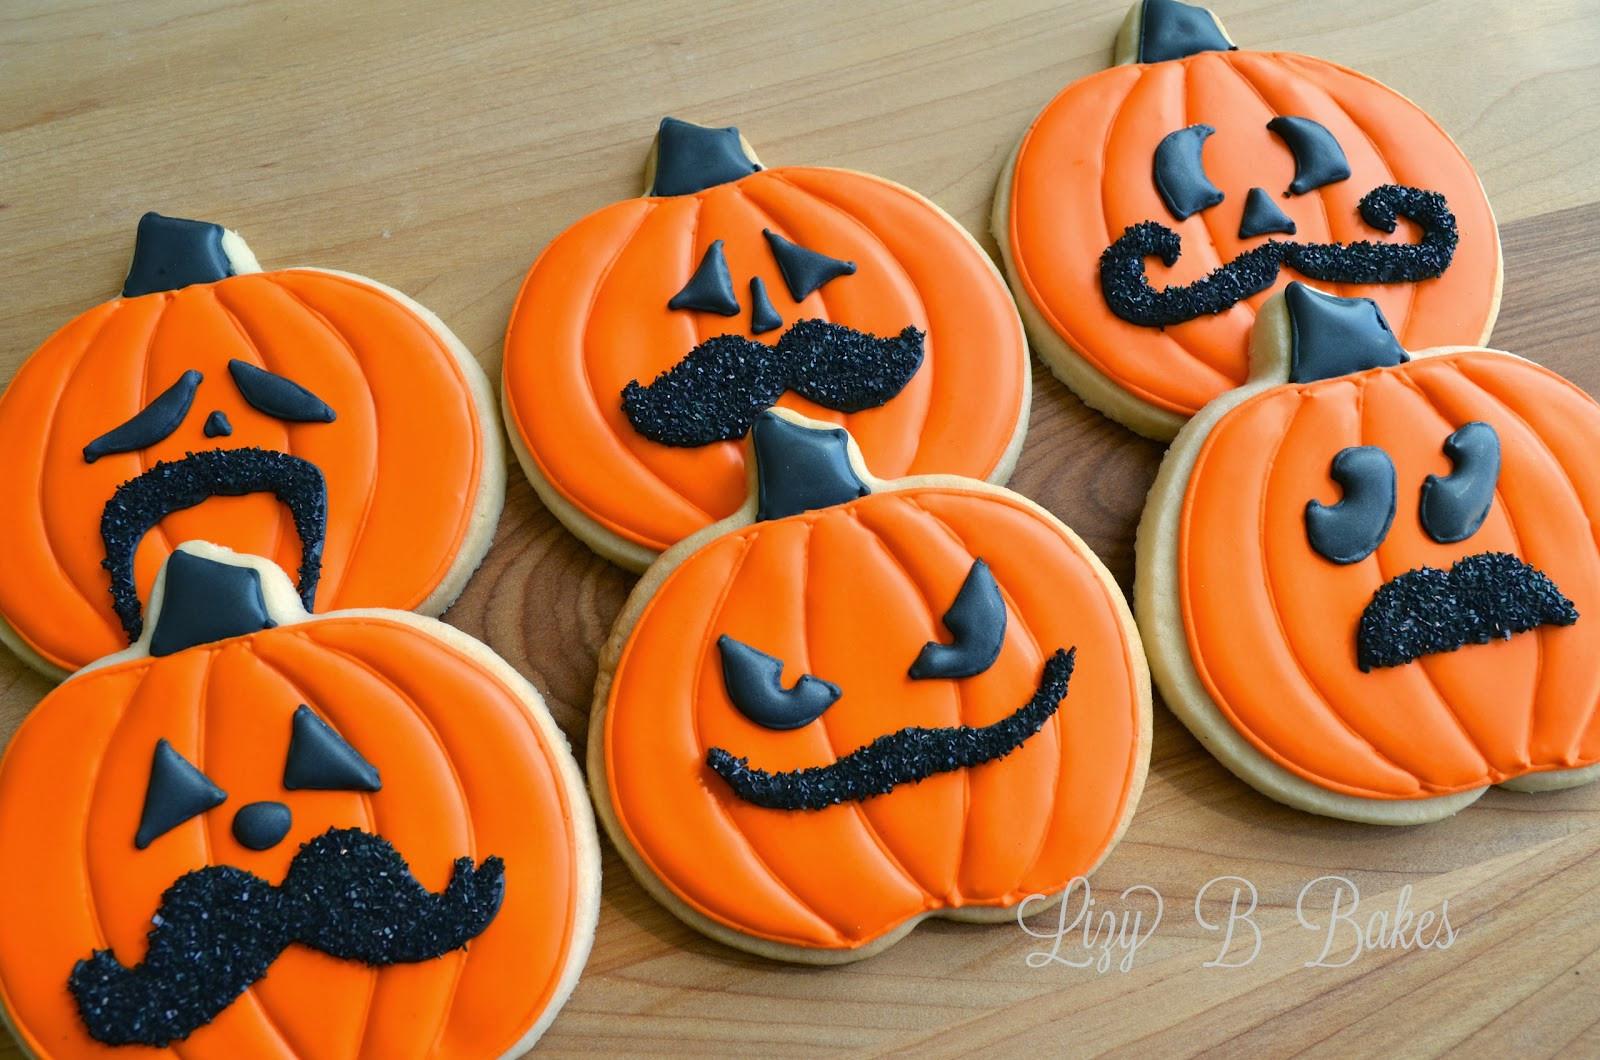 Pictures Of Halloween Cookies  Lizy B Halloween Mustache Cookies